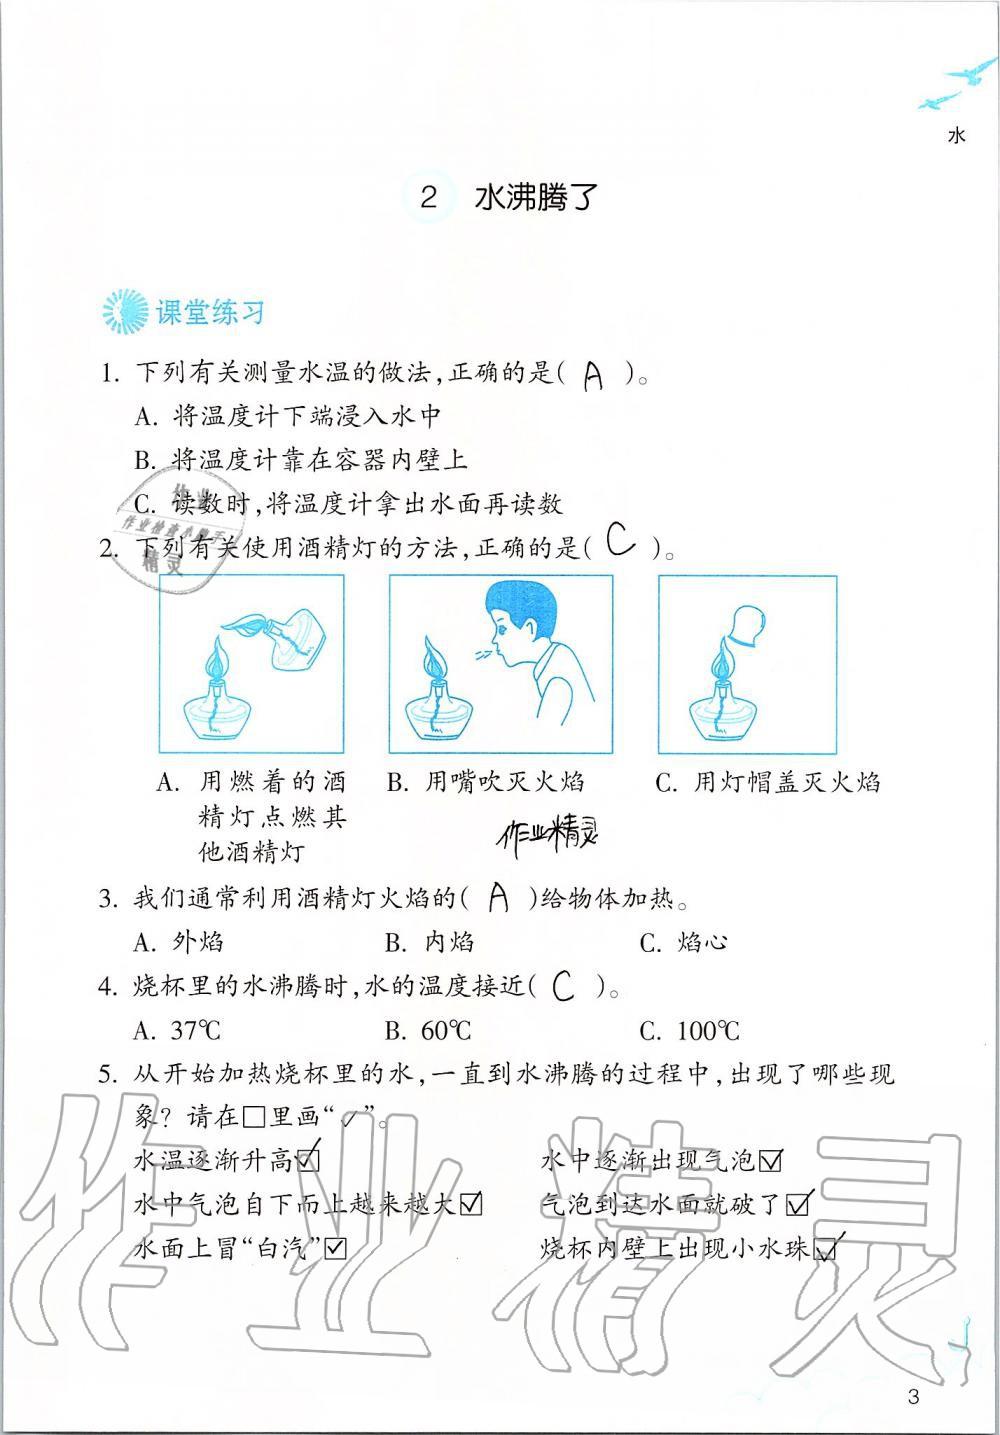 2019年科学作业本三年级上册教科版浙江教育出版社第3页